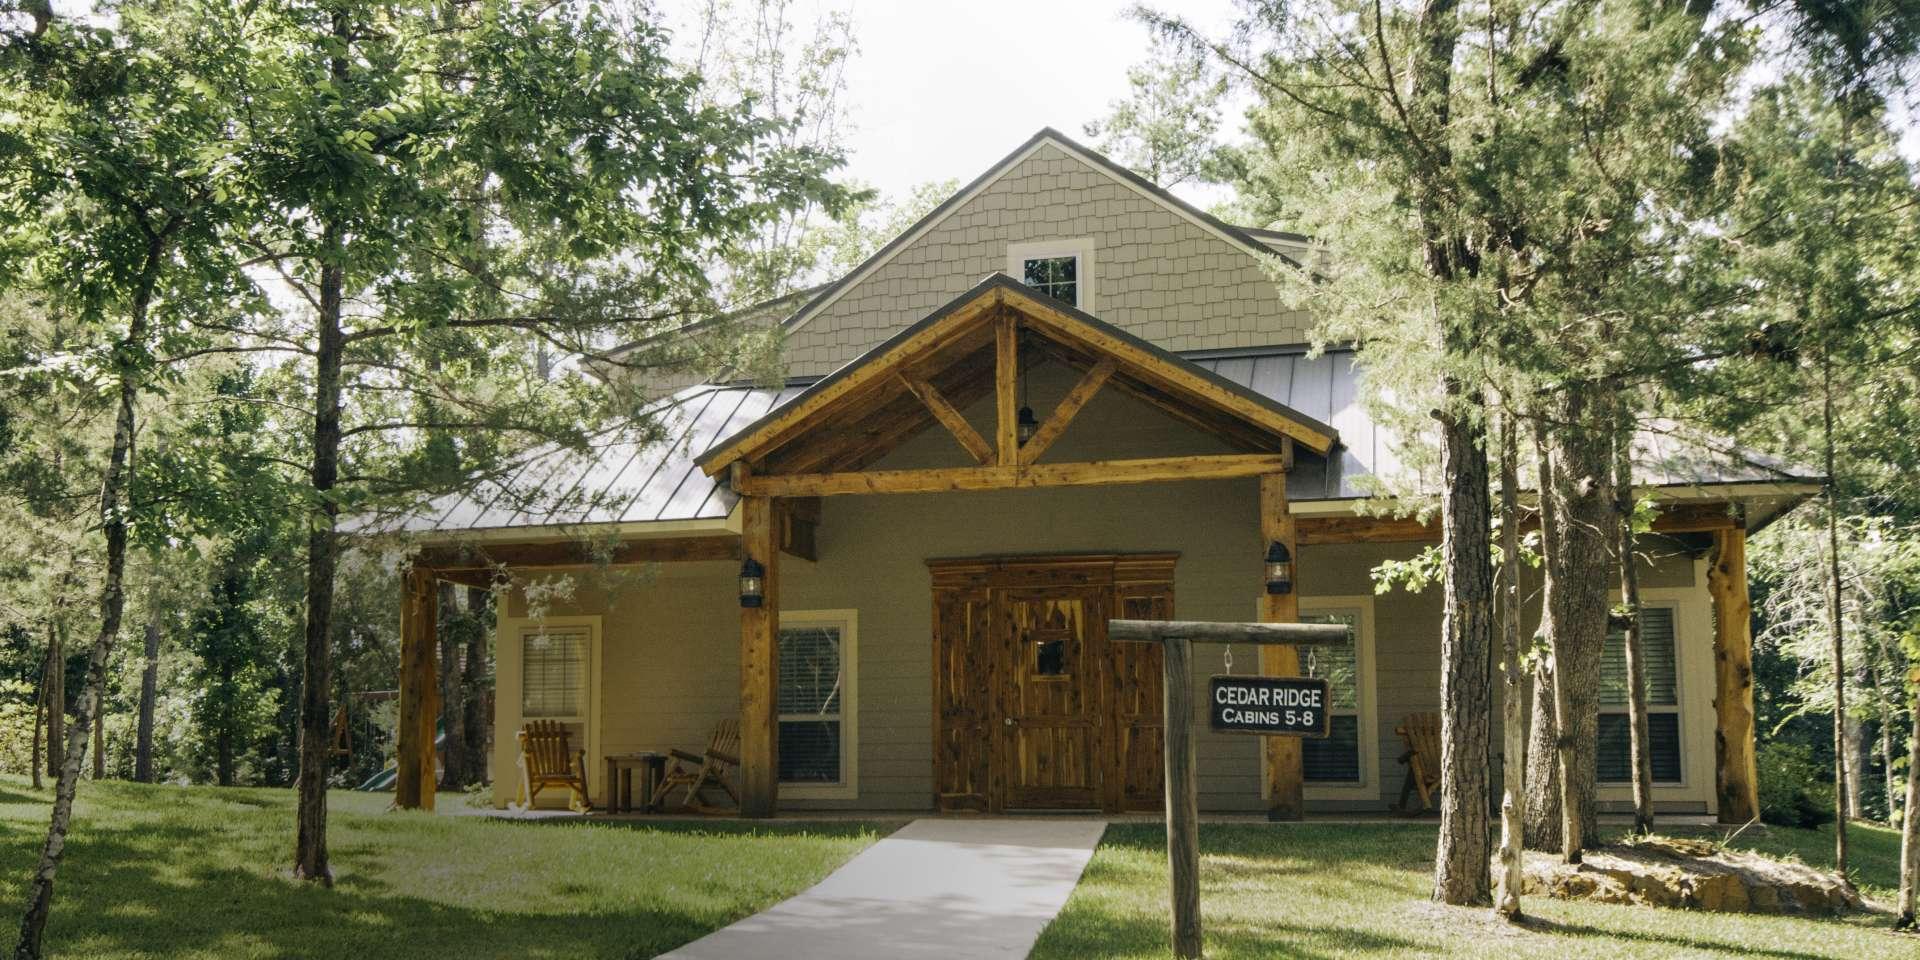 Woods_familycamp-cabinoutside-wide